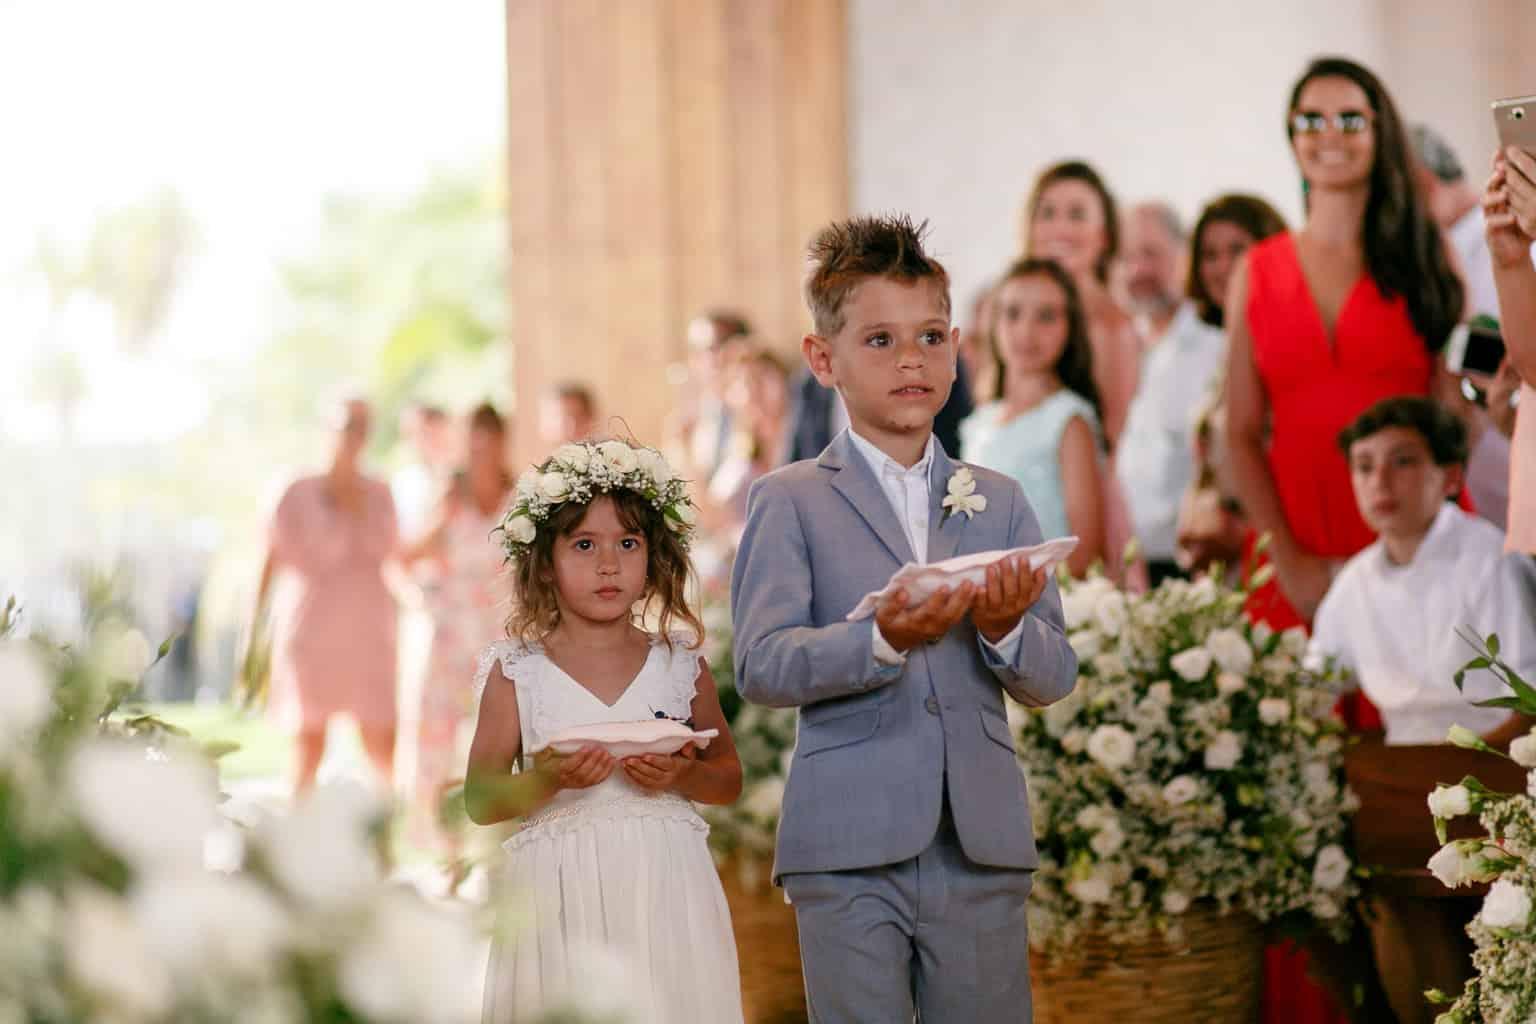 AL-Aline-e-Mauricio-capela-dos-milagres-casamento-casamento-na-praia-cerimonia-na-igreja-damas-daminhas-noivos-na-igreja-pajem84-1